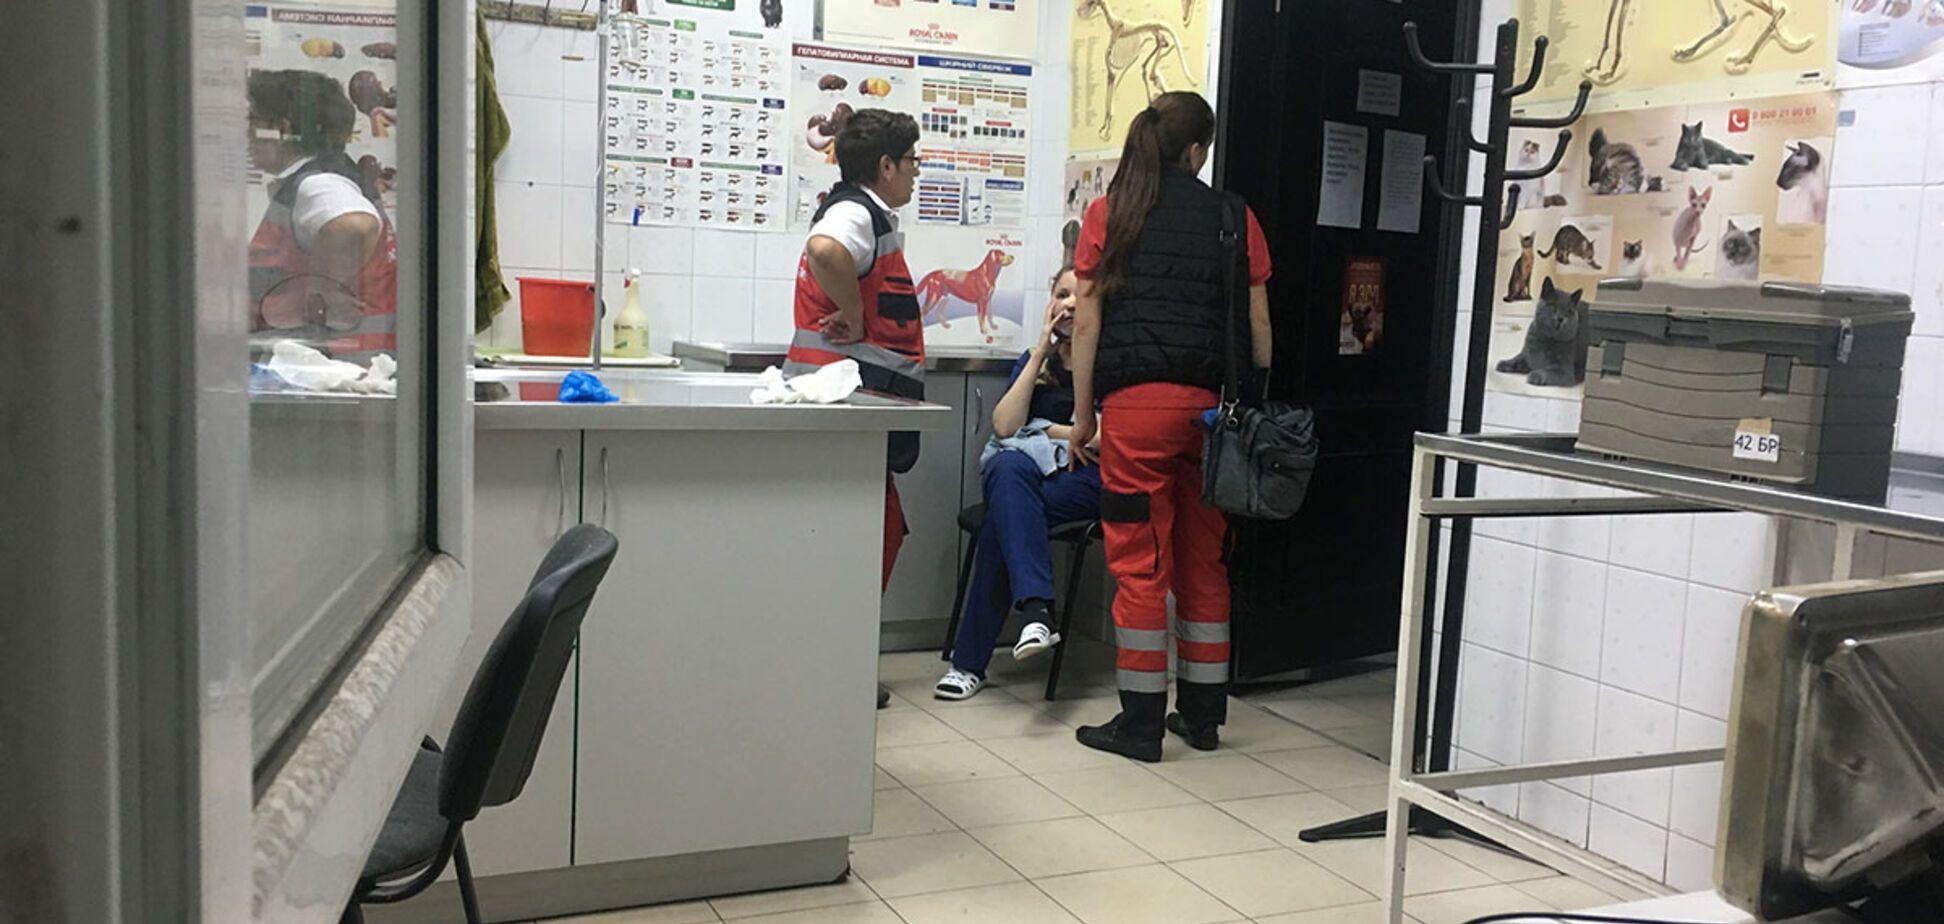 'Бив вогнегасником і ножем': у Києві напали на лікарів прямо в клініці